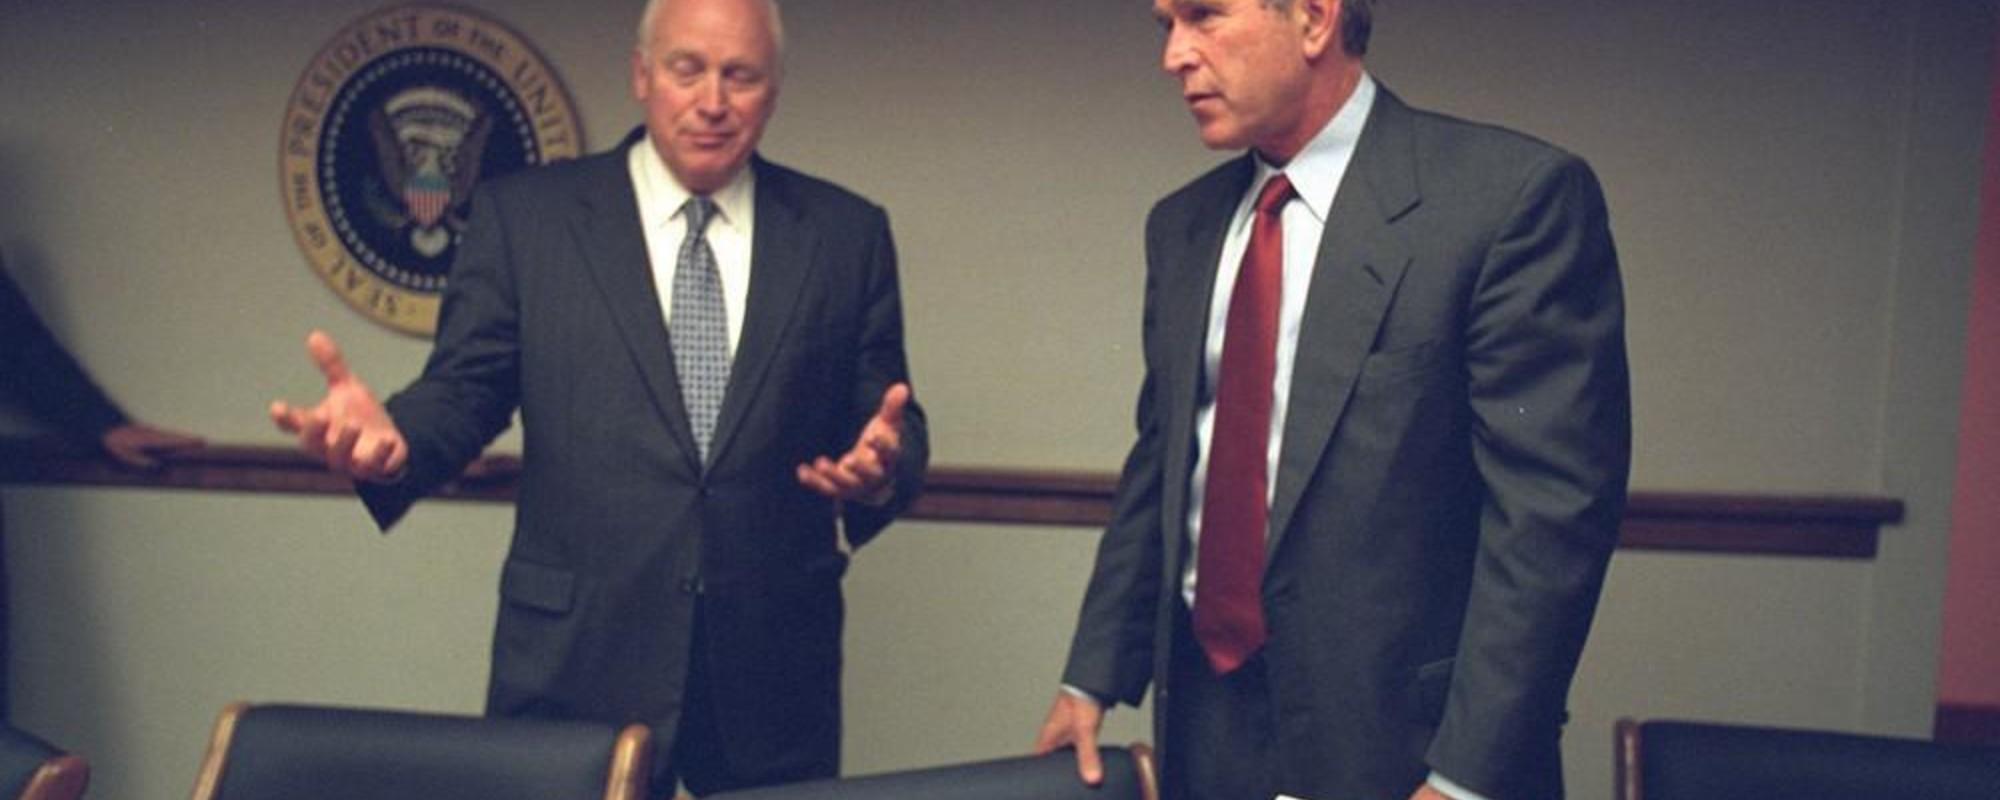 Φωτογραφίες από τον Λευκό Οίκο την 11η Σεπτεμβρίου 2001